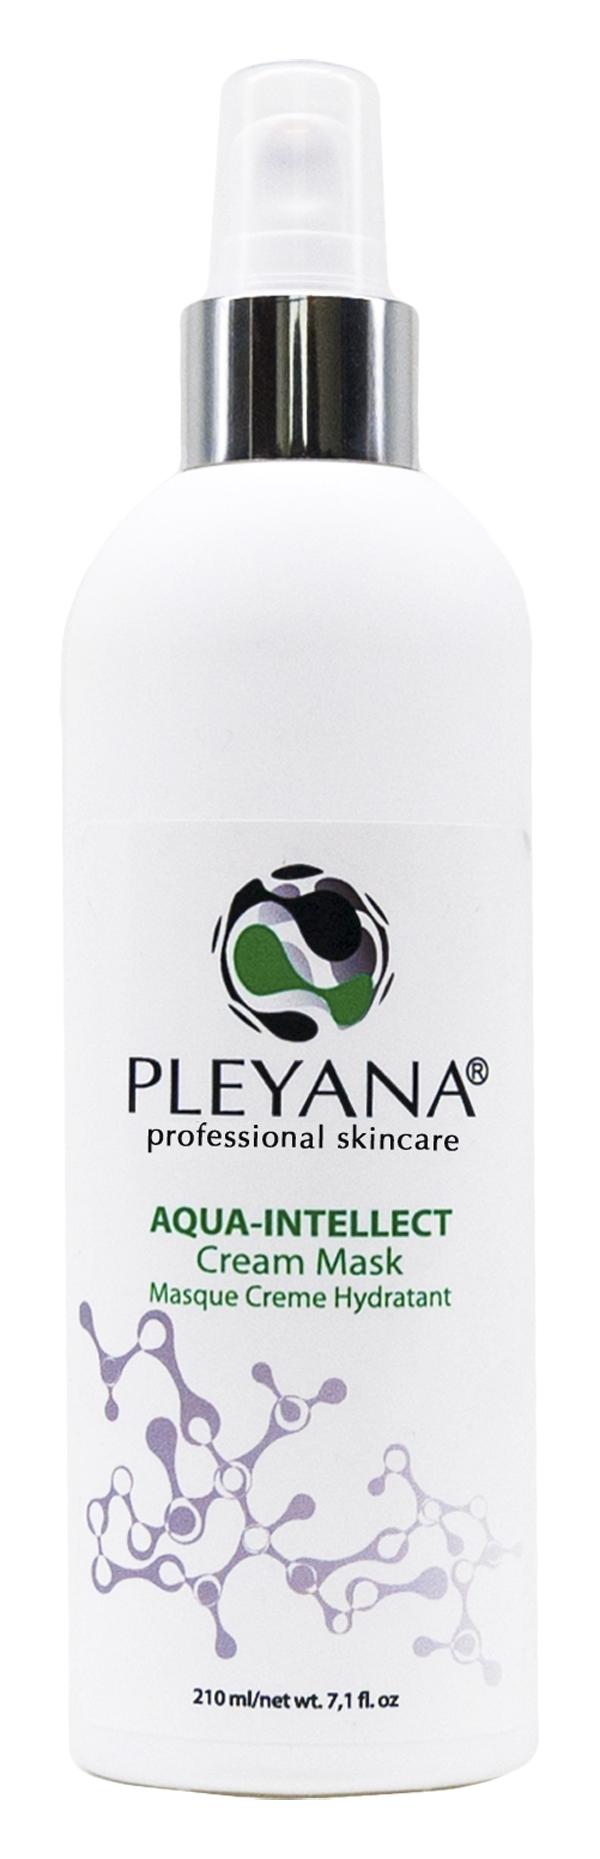 Pleyana Крем-Маска Увлажняющая Aqua-Intellect 2-в-1, 200 мл